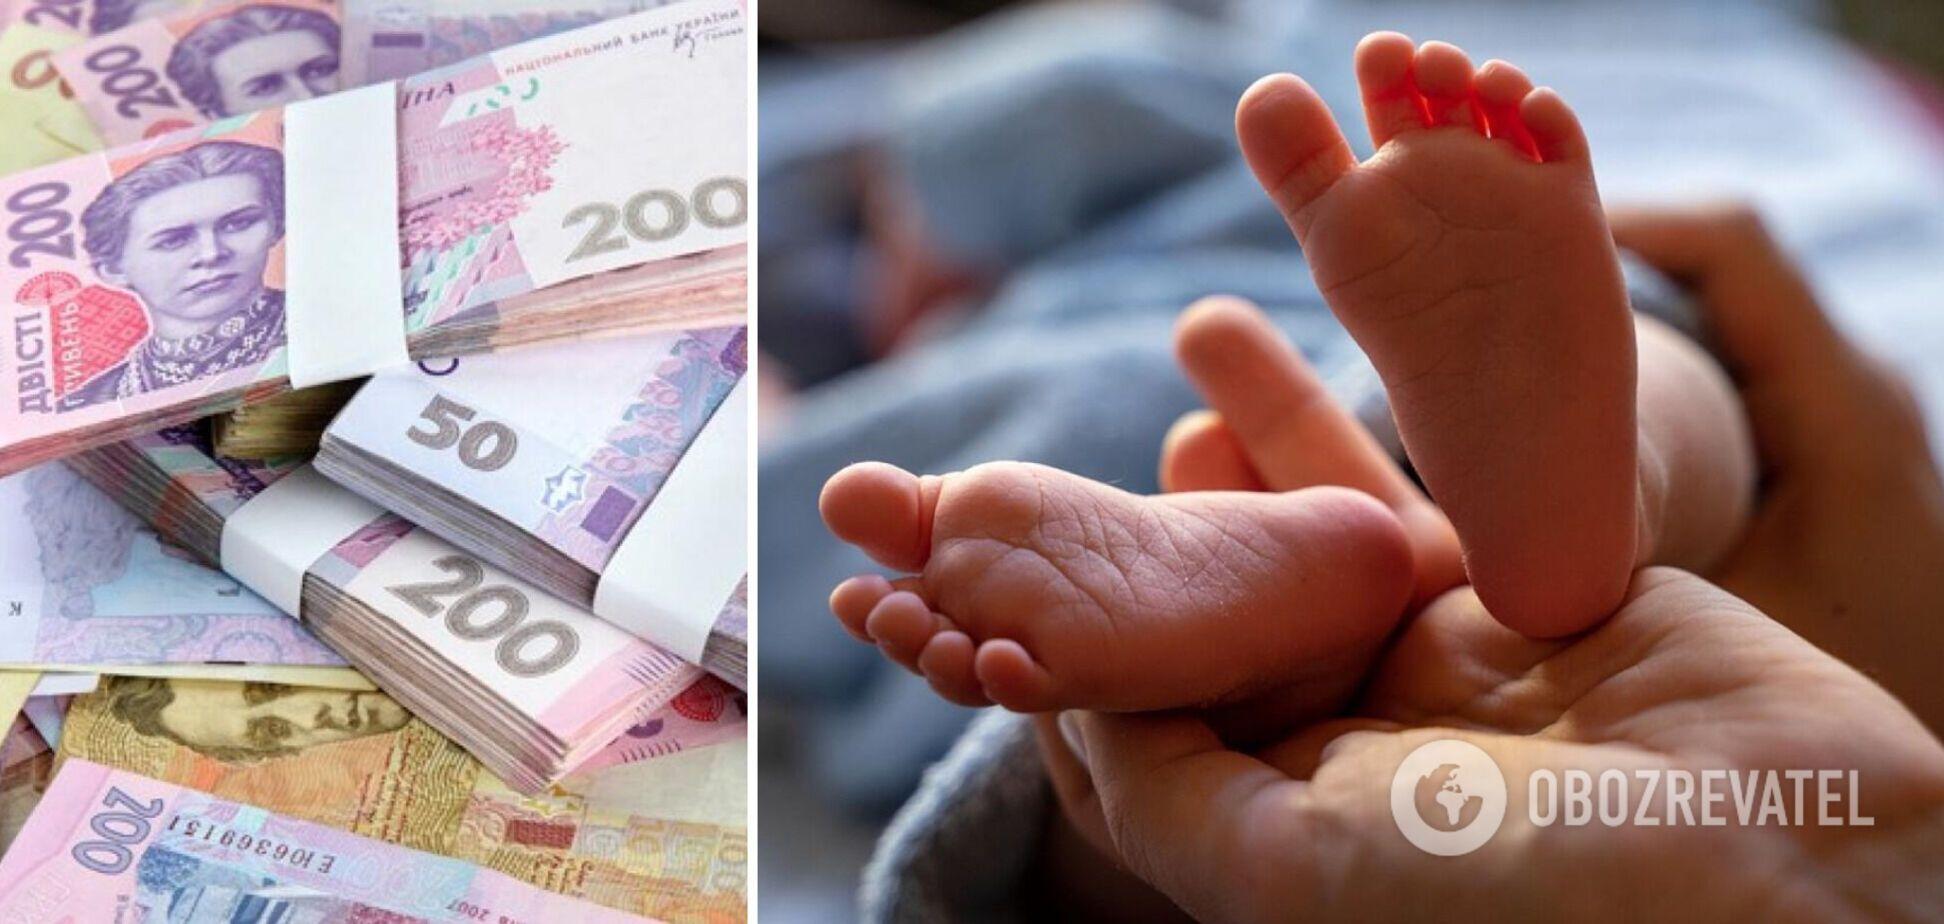 В Україні можуть збільшити допомогу при народженні дитини: нардеп пояснив, за рахунок чого